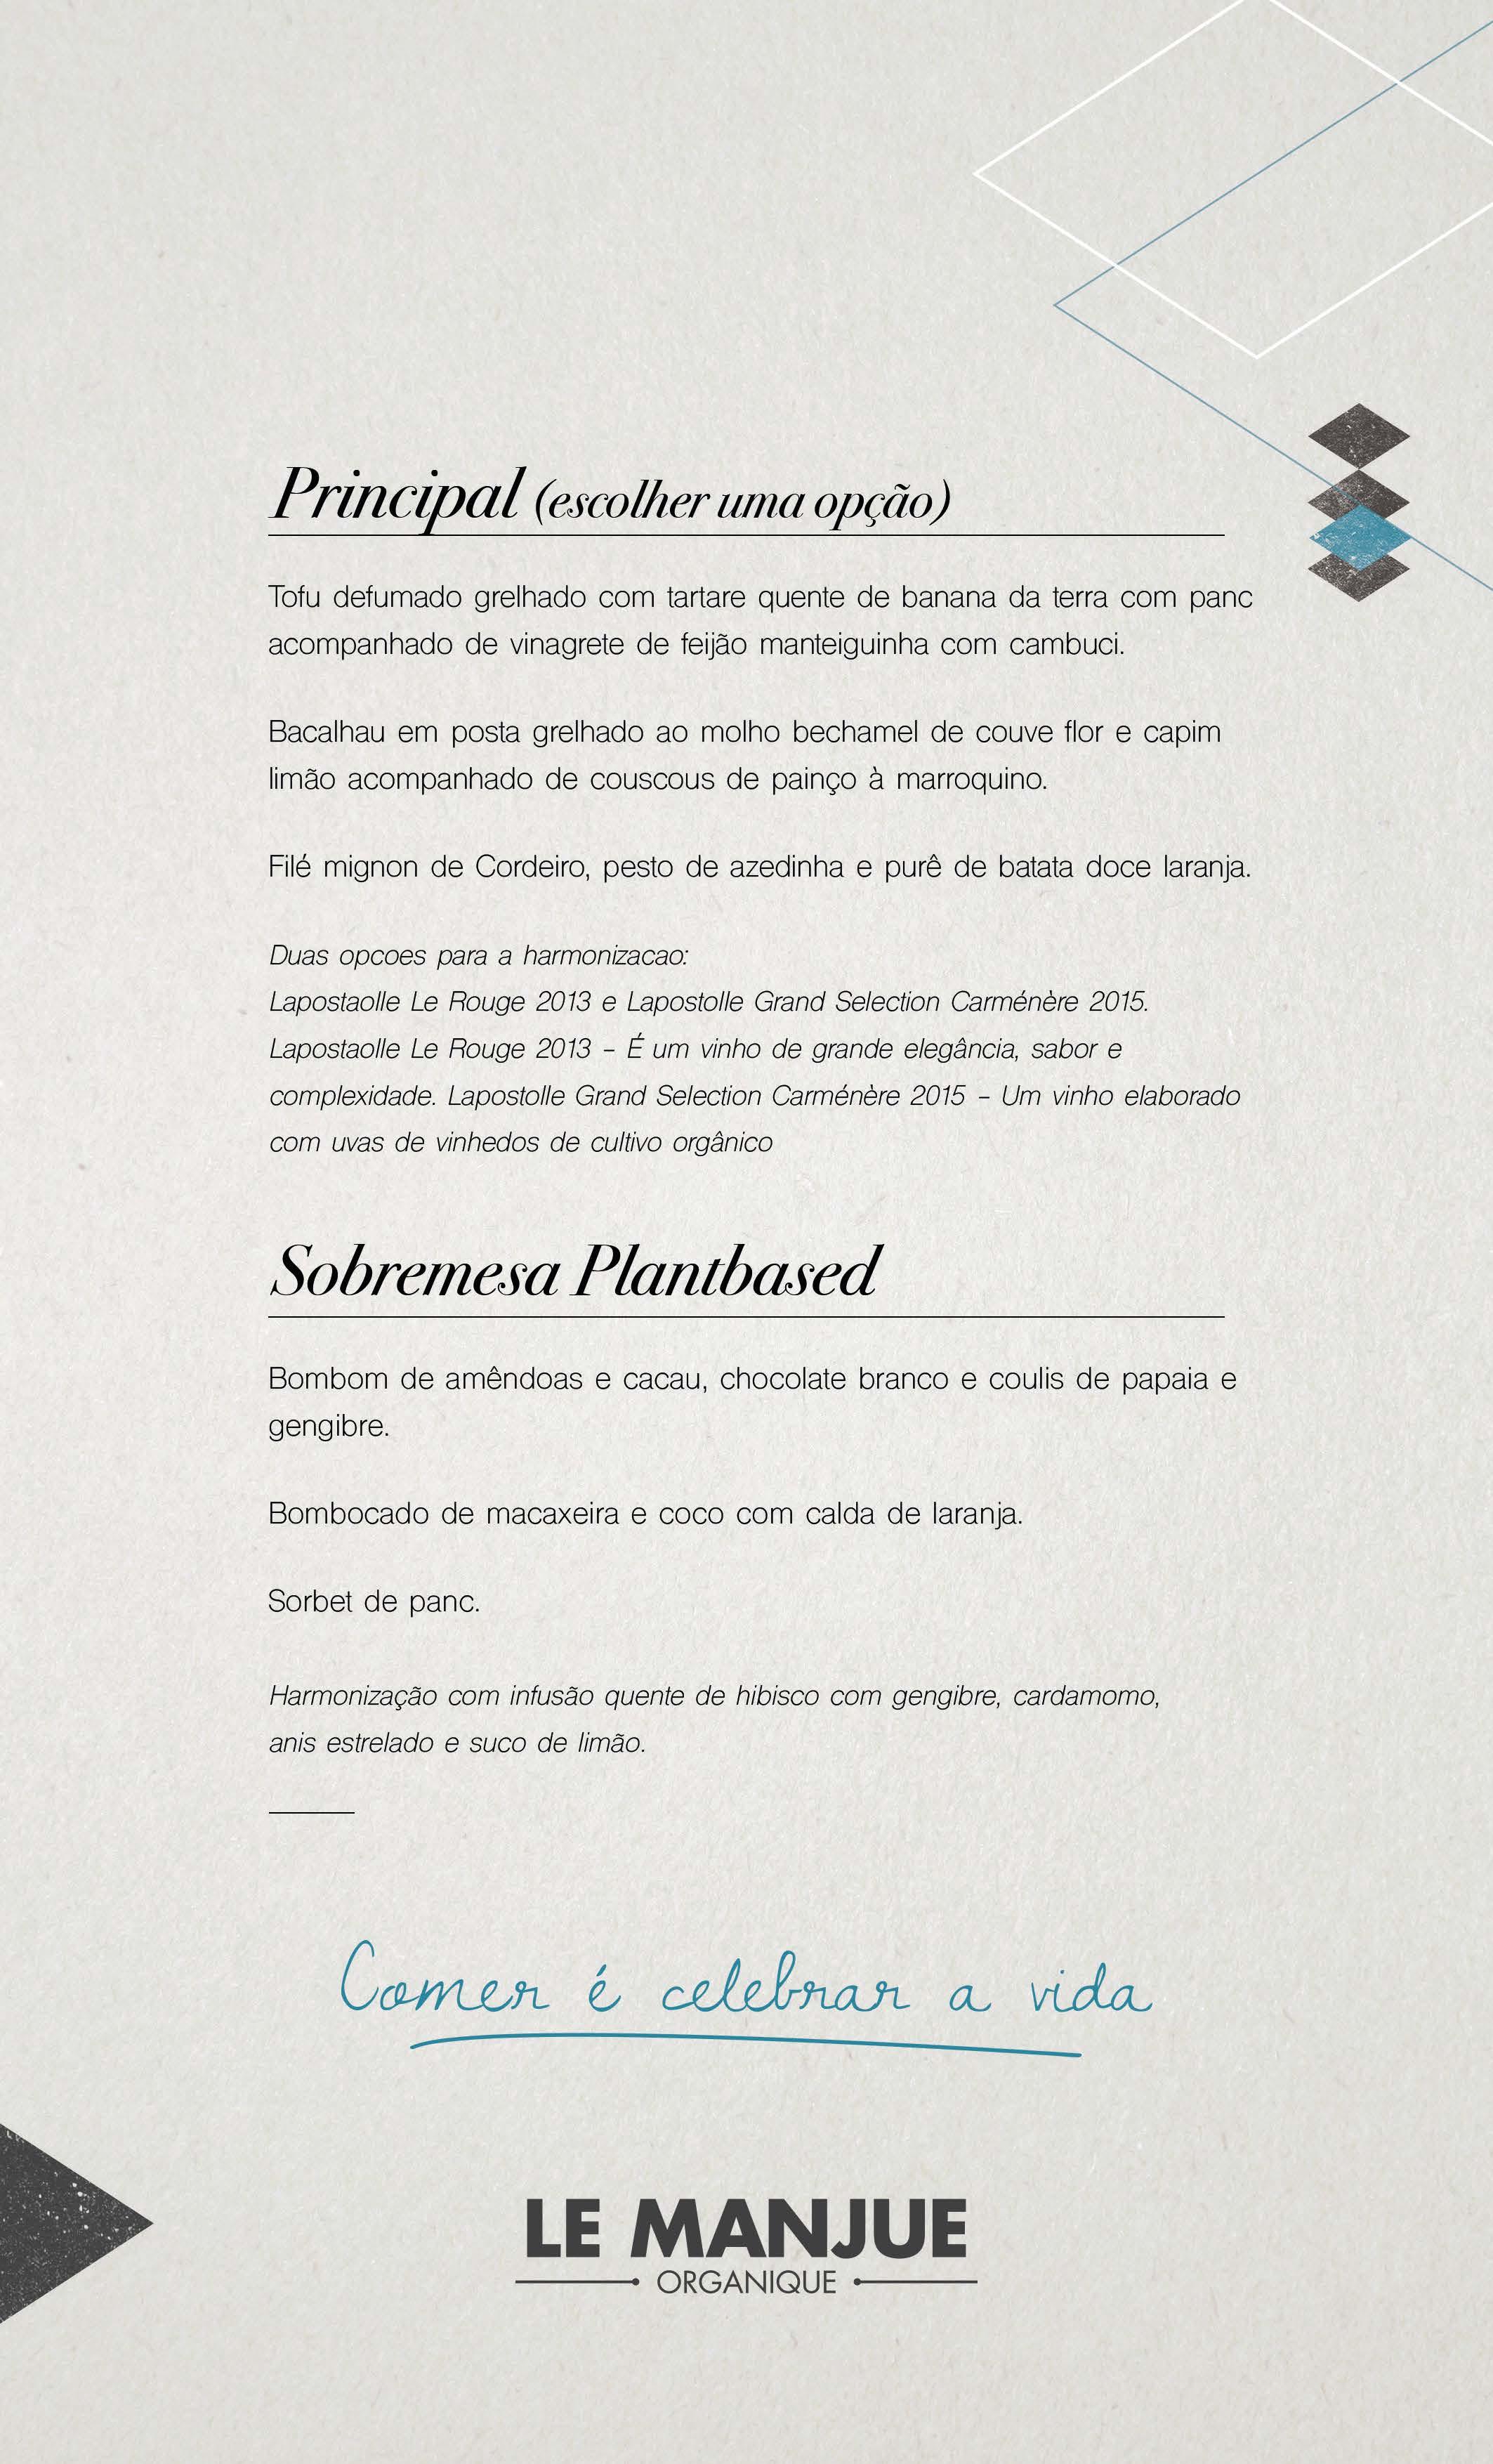 lemanjue-cardapio-carpevita_Page_2.jpg